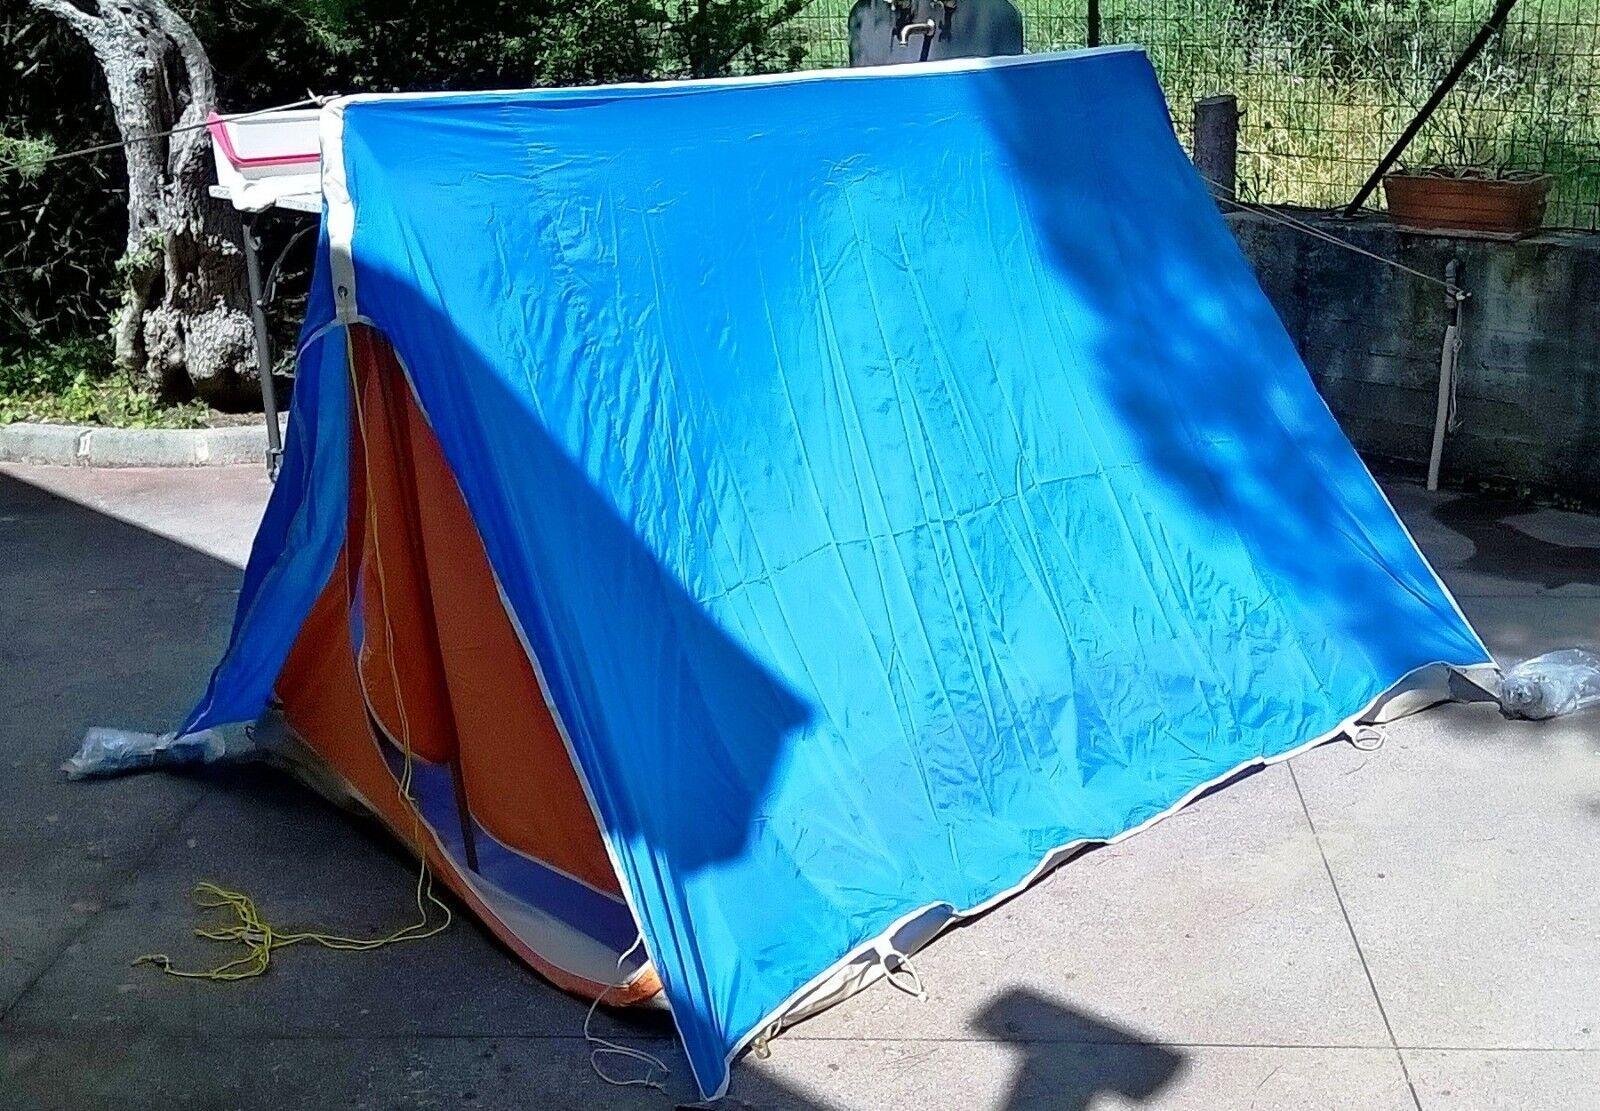 CAMPEGGIO / Tenda CAMPING: Tenda / CANADESE 3 posti - Doppio telo aefdc6